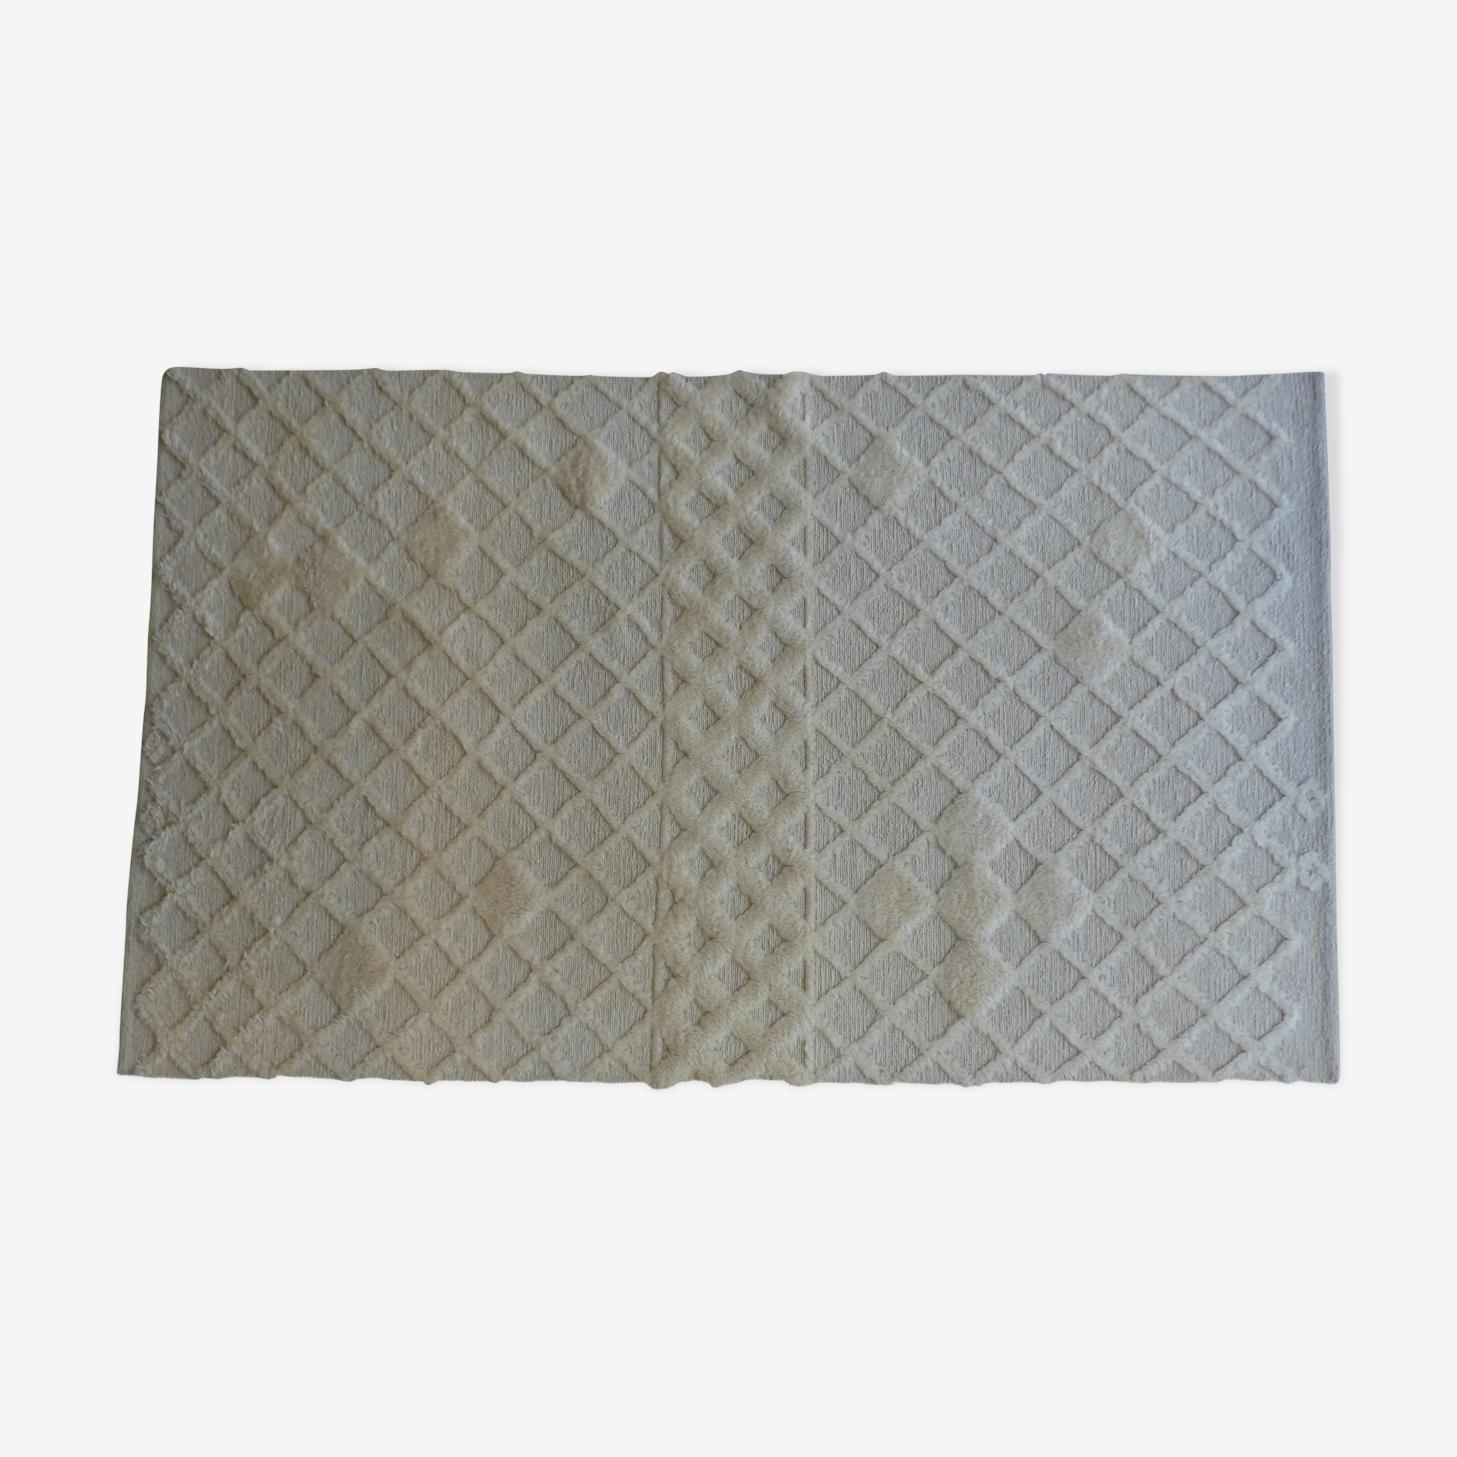 Tapis en laine tissé et noué 253 x 153 cm